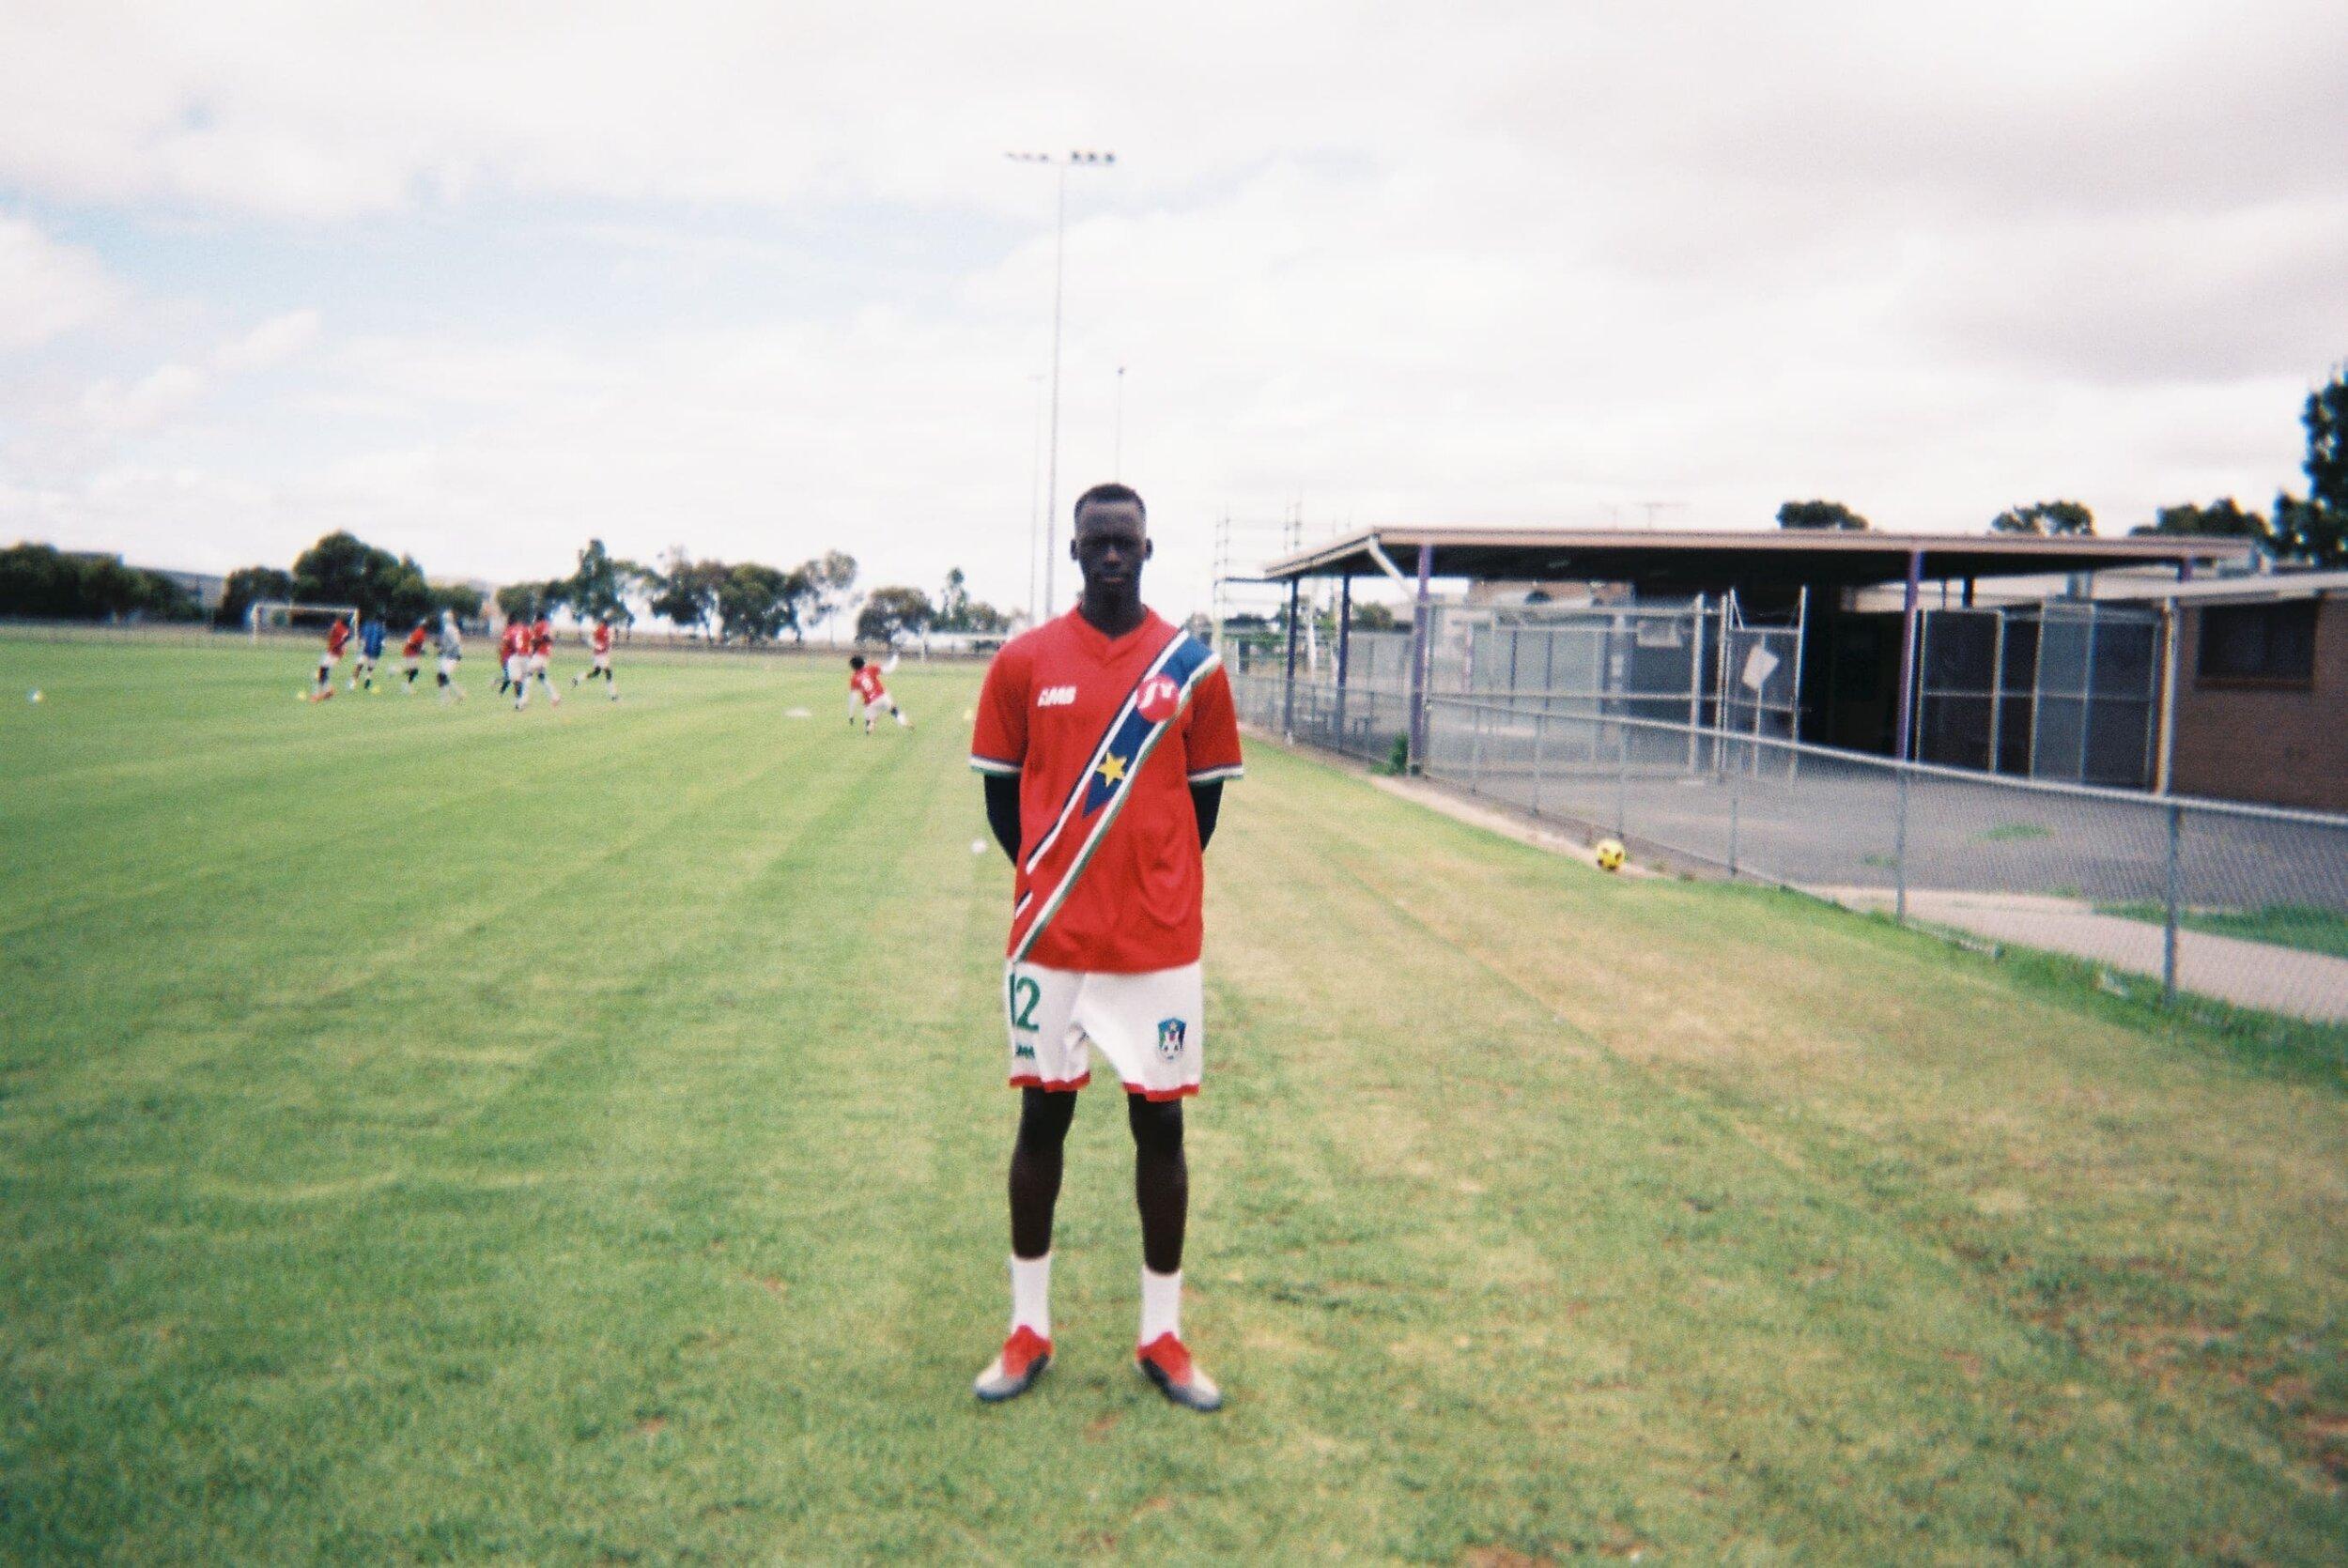 Αυστραλία - Football Victoria - Eangano 16.jpg